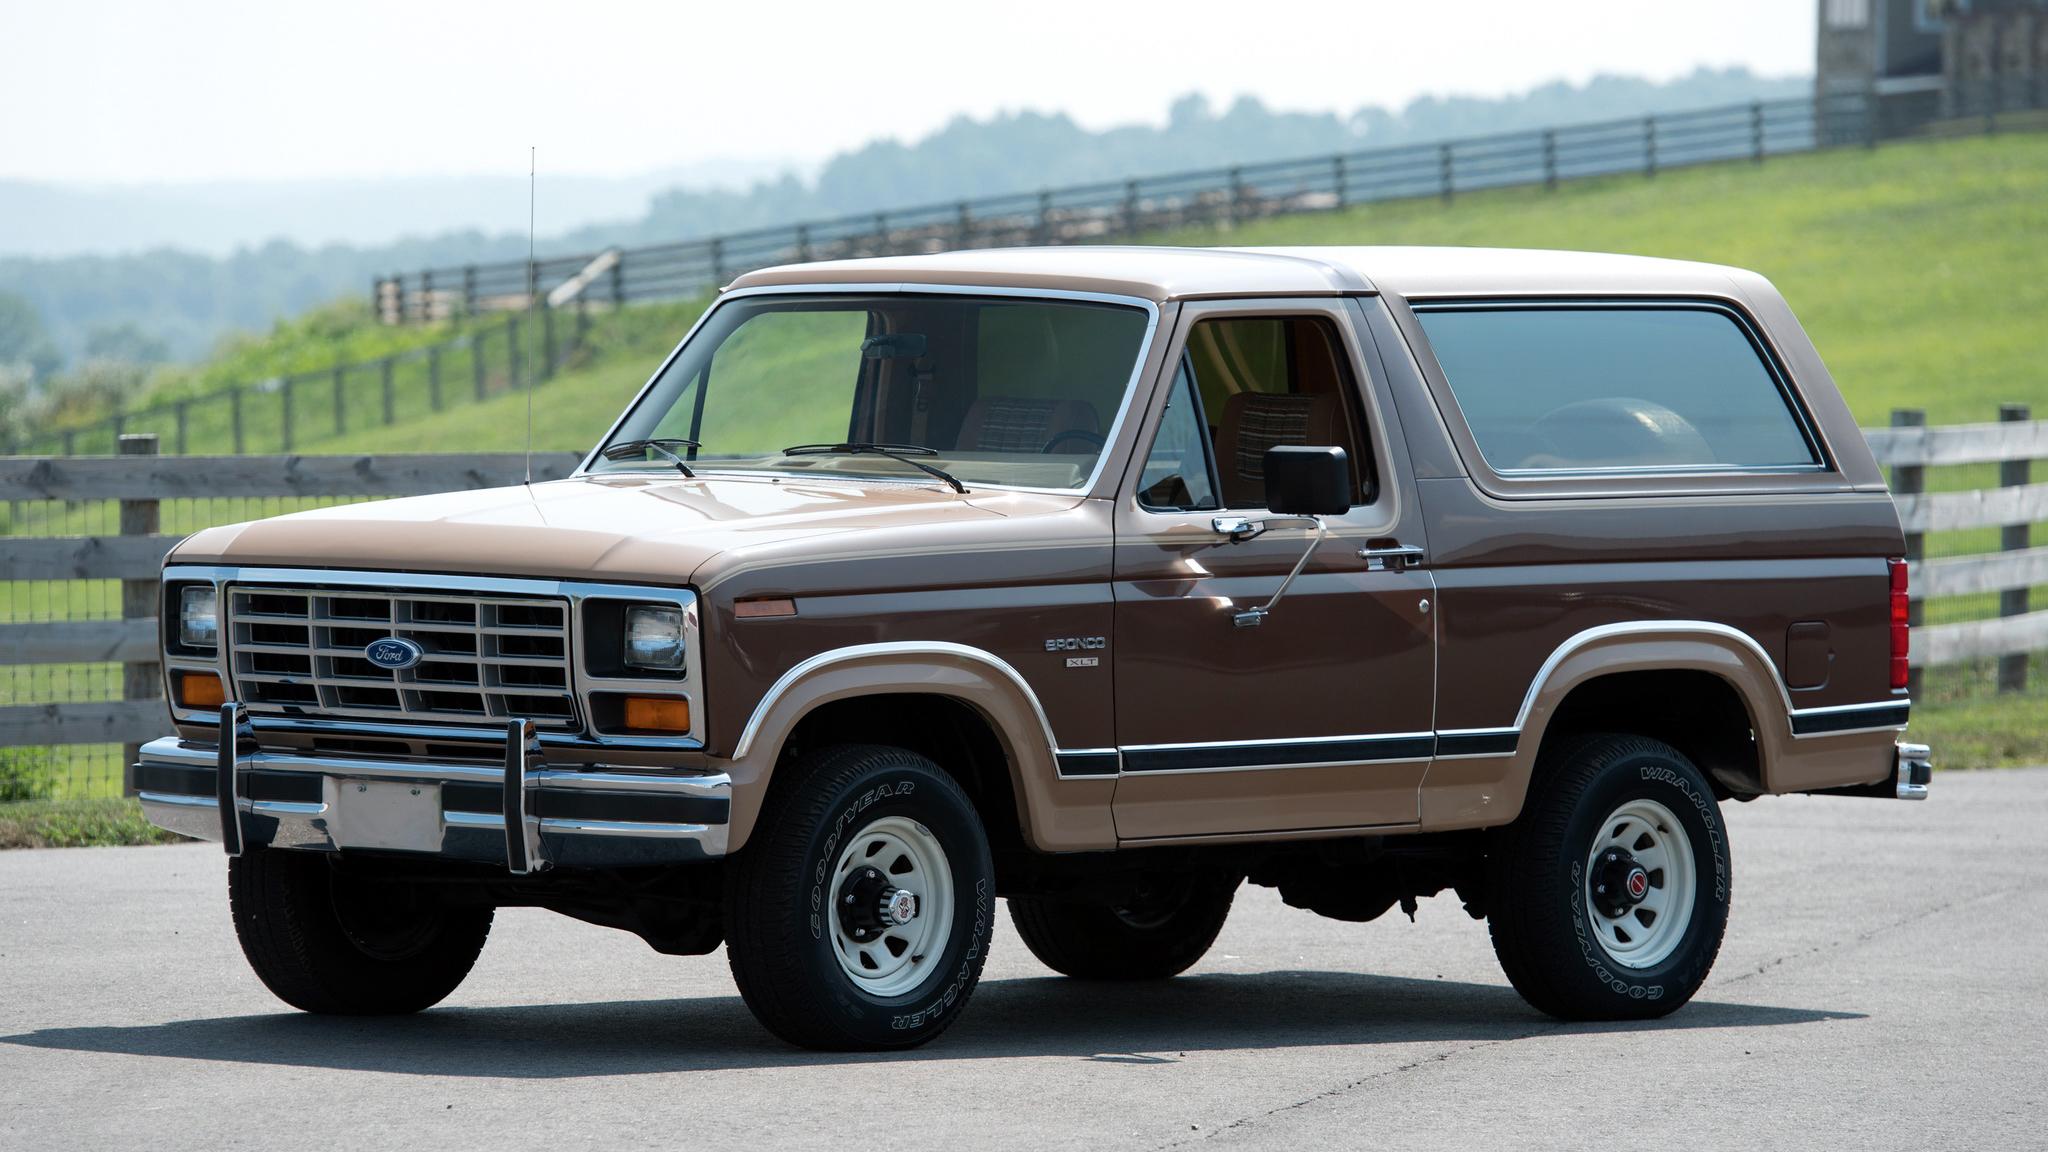 Ford решил возродить легендарный внедорожник